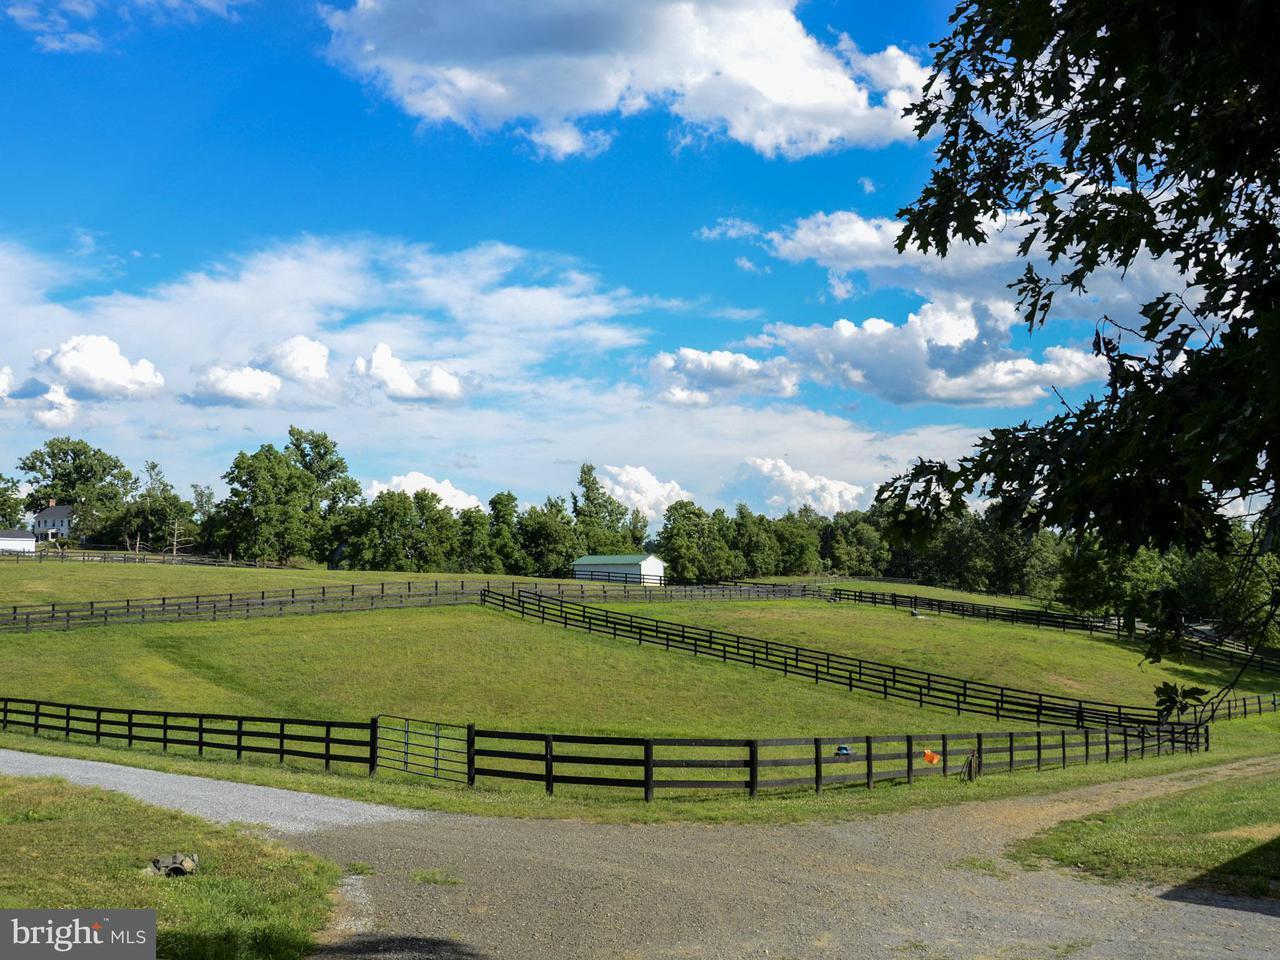 Частный односемейный дом для того Продажа на 35469 MILLVILLE Road 35469 MILLVILLE Road Middleburg, Виргиния 20117 Соединенные Штаты